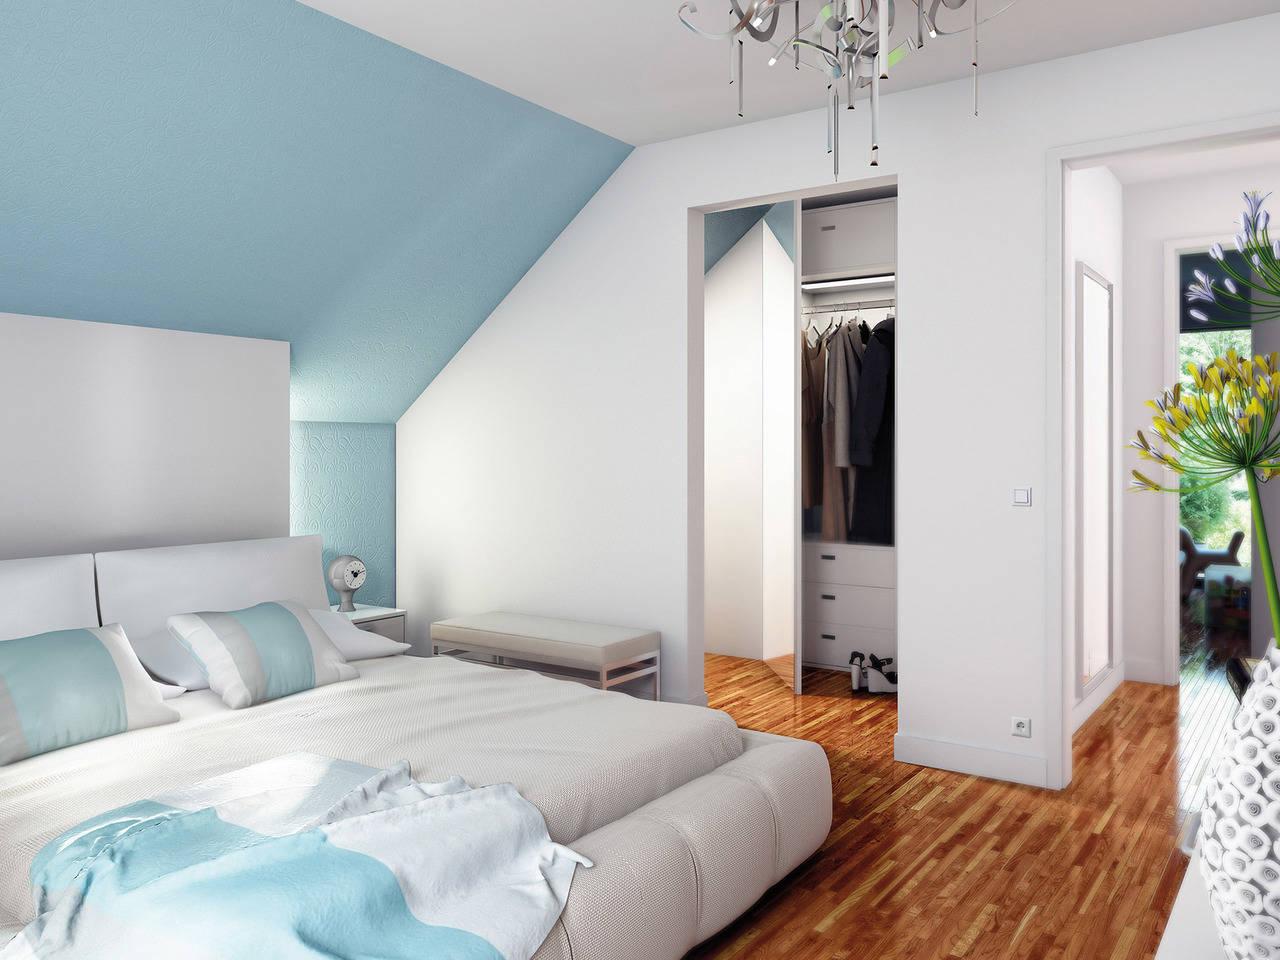 Haus Solution 124 V2 Schlafzimmer von Living Haus